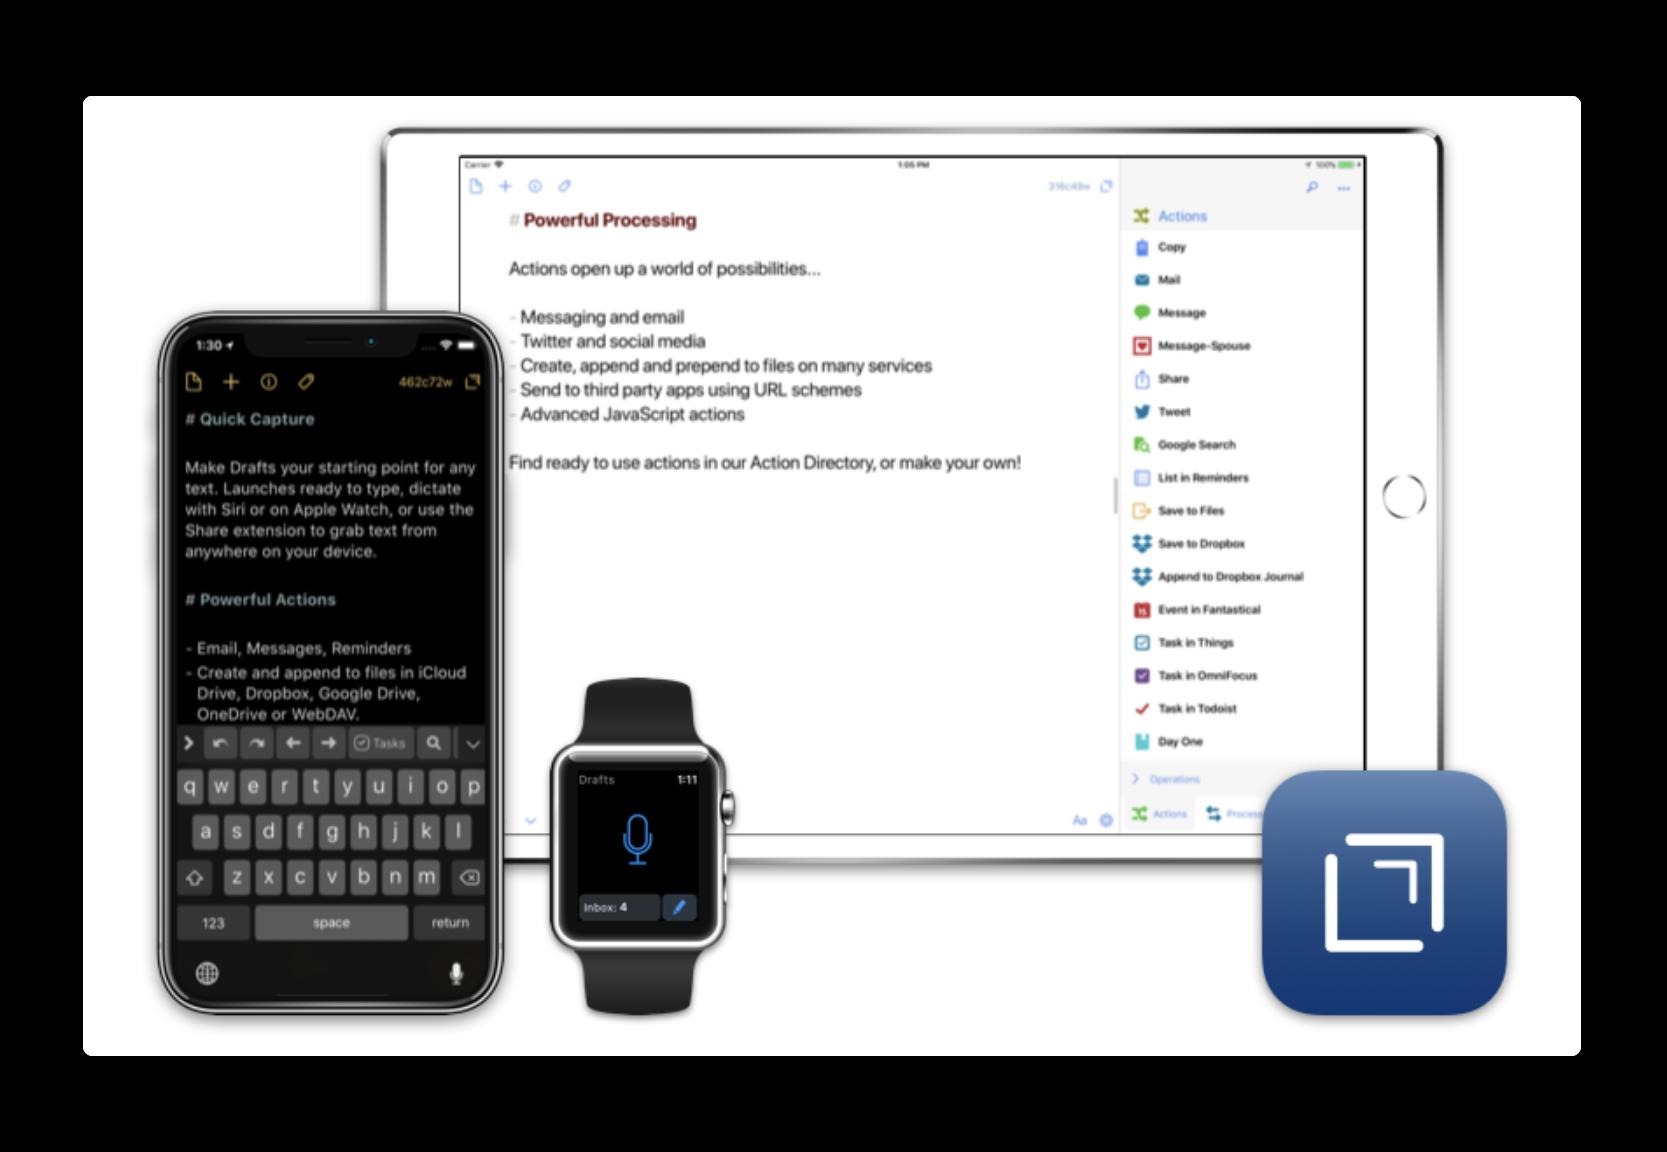 【iOS】Siriのサポートを含む新機能で高機能エディタ「Drafts 5」がリリース